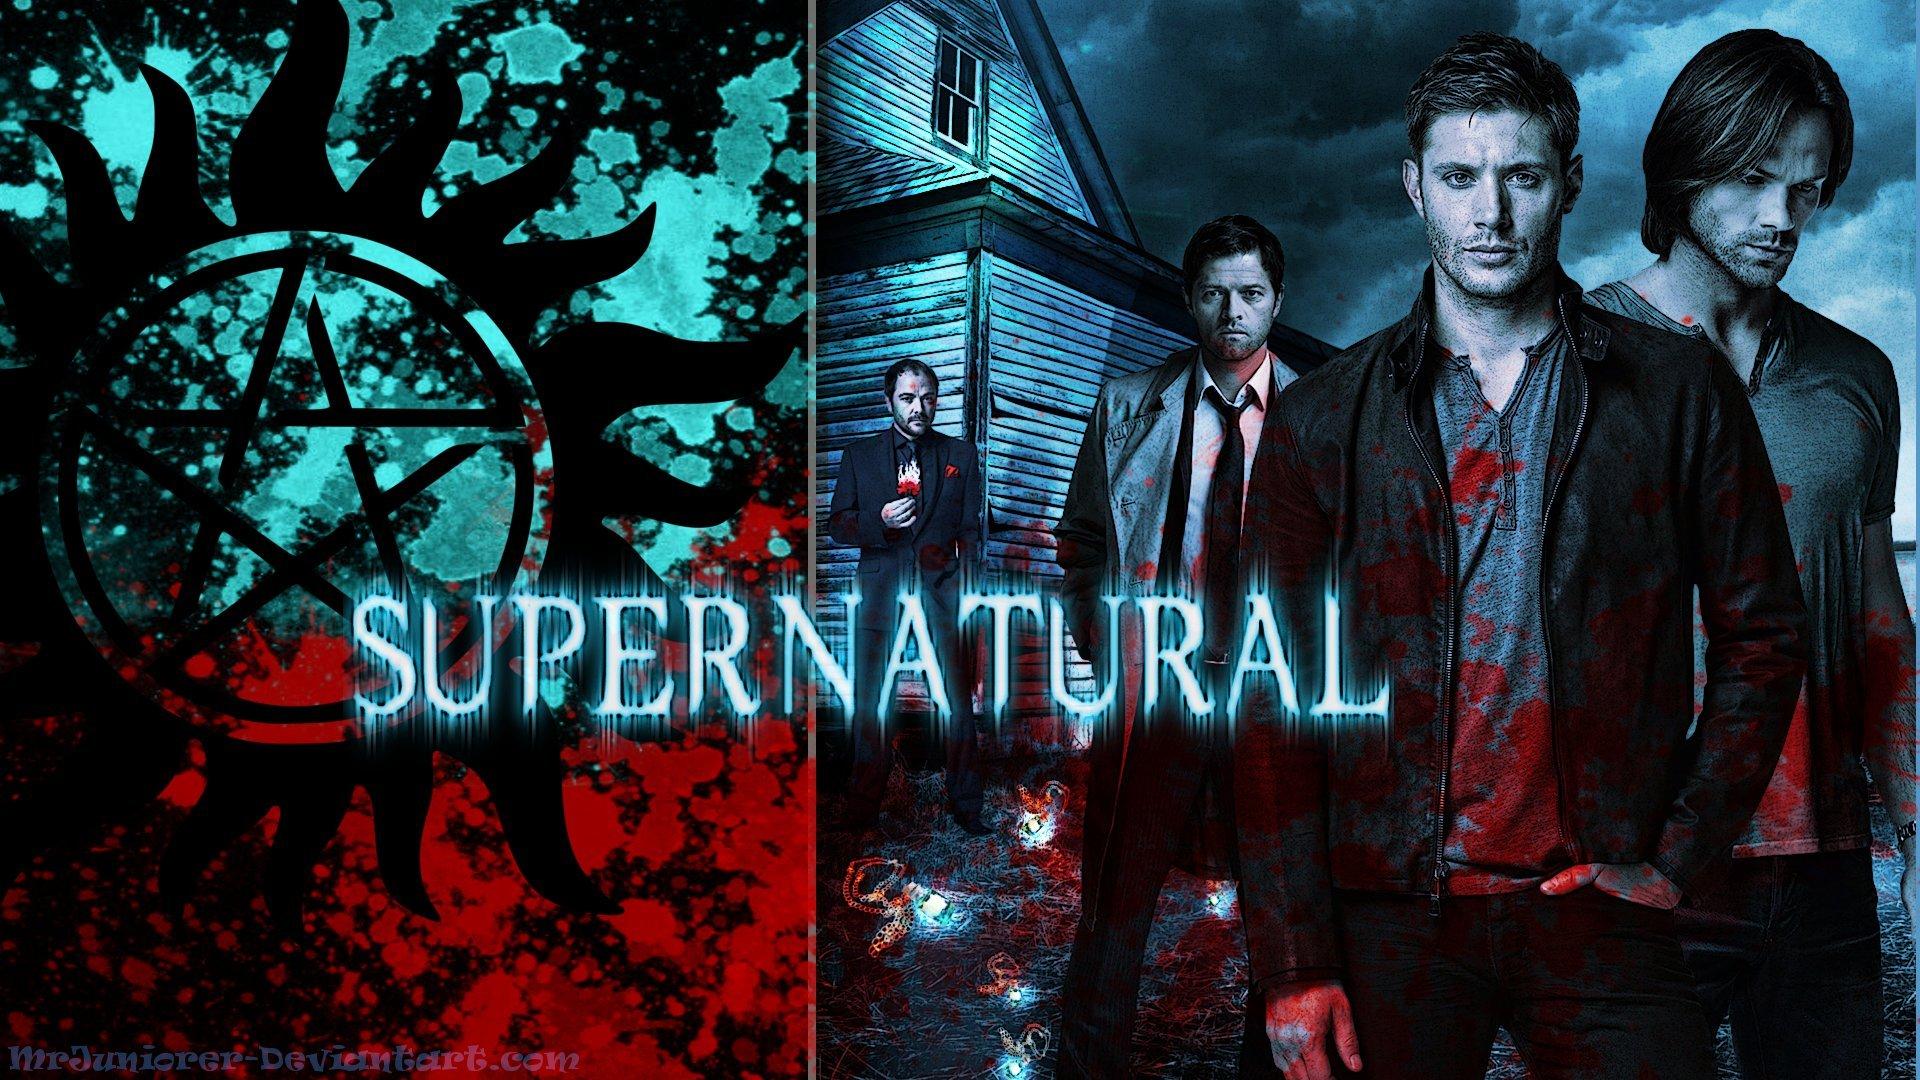 Supernatural Wallpaper - Supernatural Wallpaper By Mrjuniorer Savqy